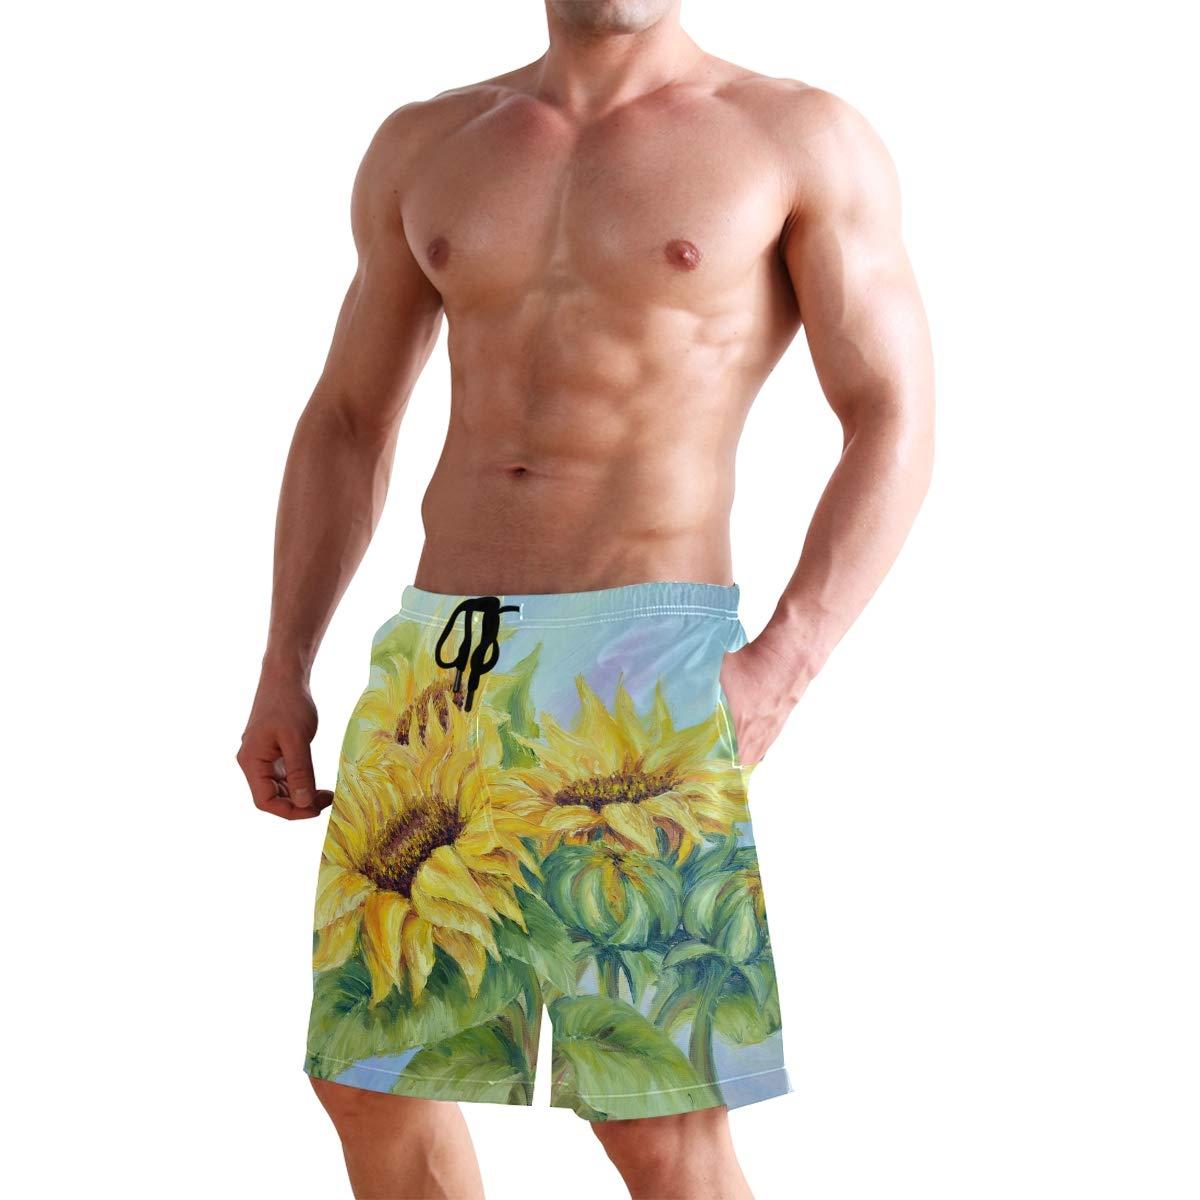 Men/'s Swim Trunks Beach Board Swimwear Shorts Painting Sunflower Swimming Short Pants Quick Dry Water Shorts Mesh Lining